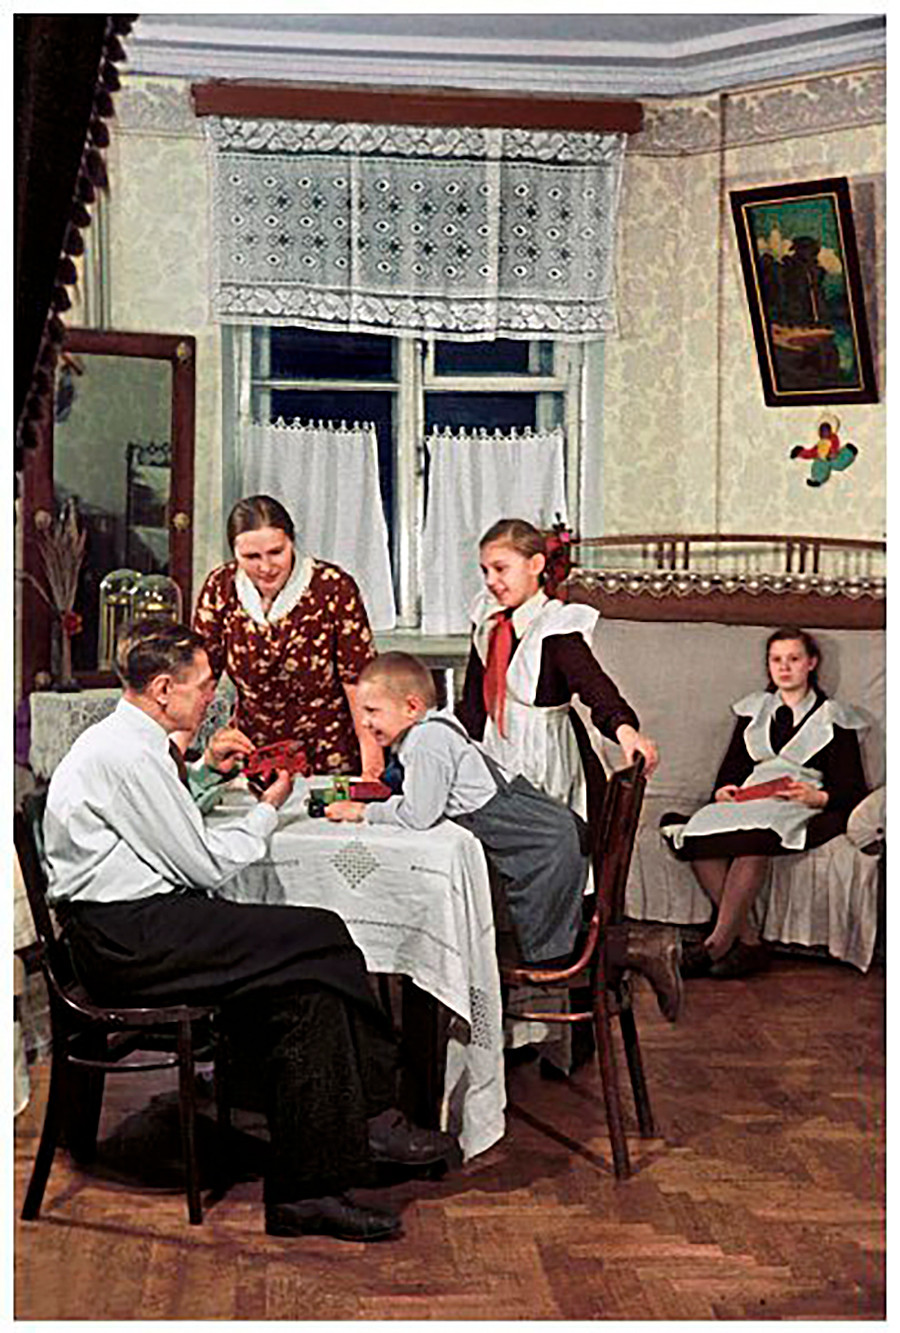 Le boulanger de la fabrique « Bolchevitchka » S. Melnikov avec sa famille dans son nouvel appartement fourni par l'usine, 1950